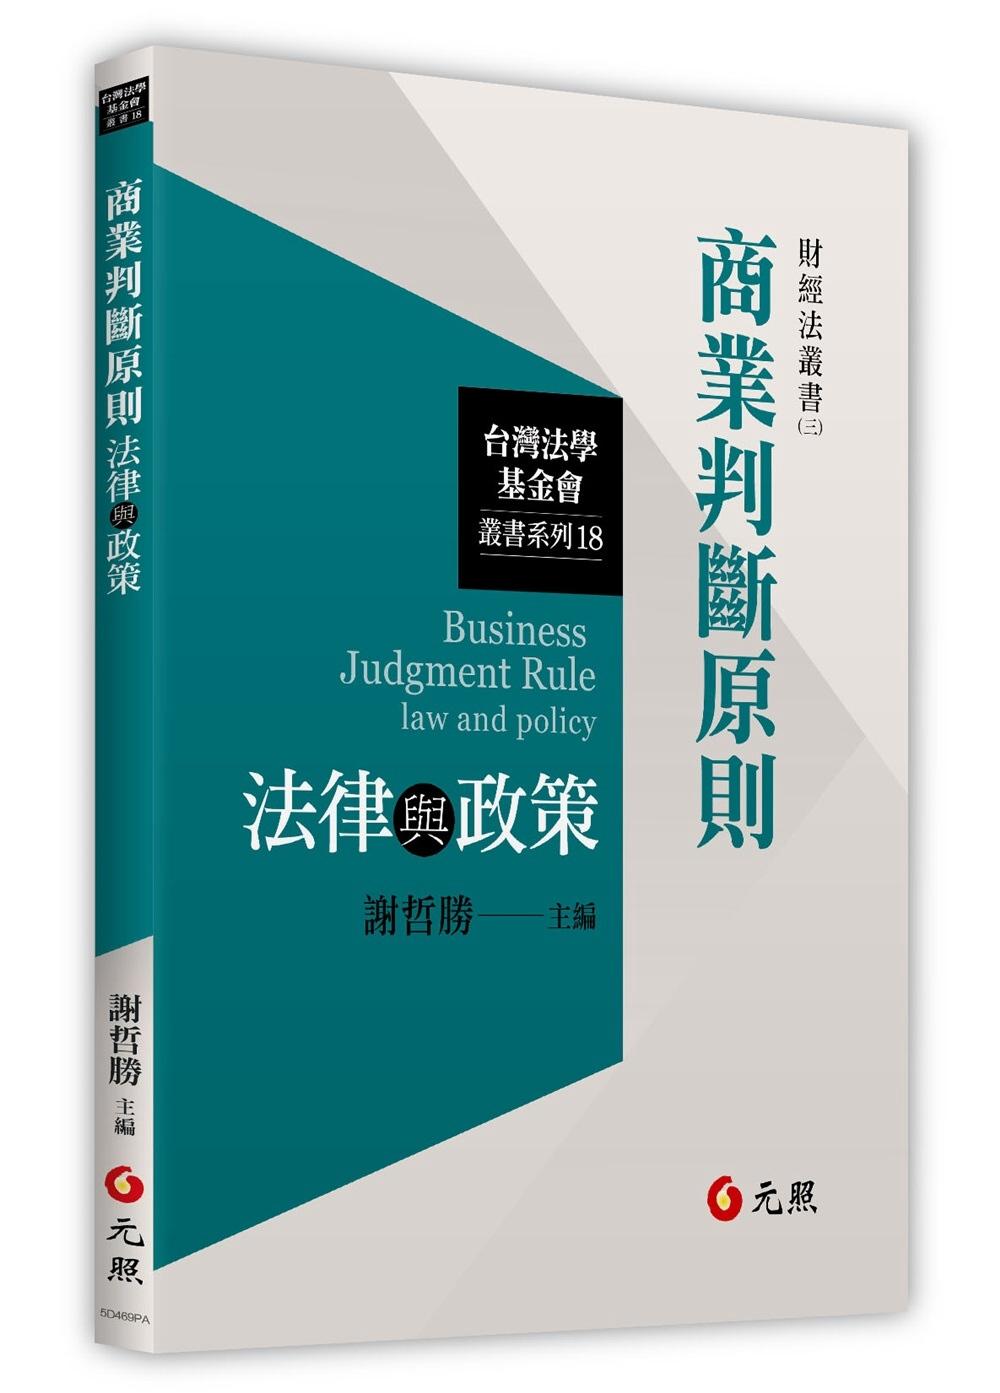 商業判斷原則法律與政策